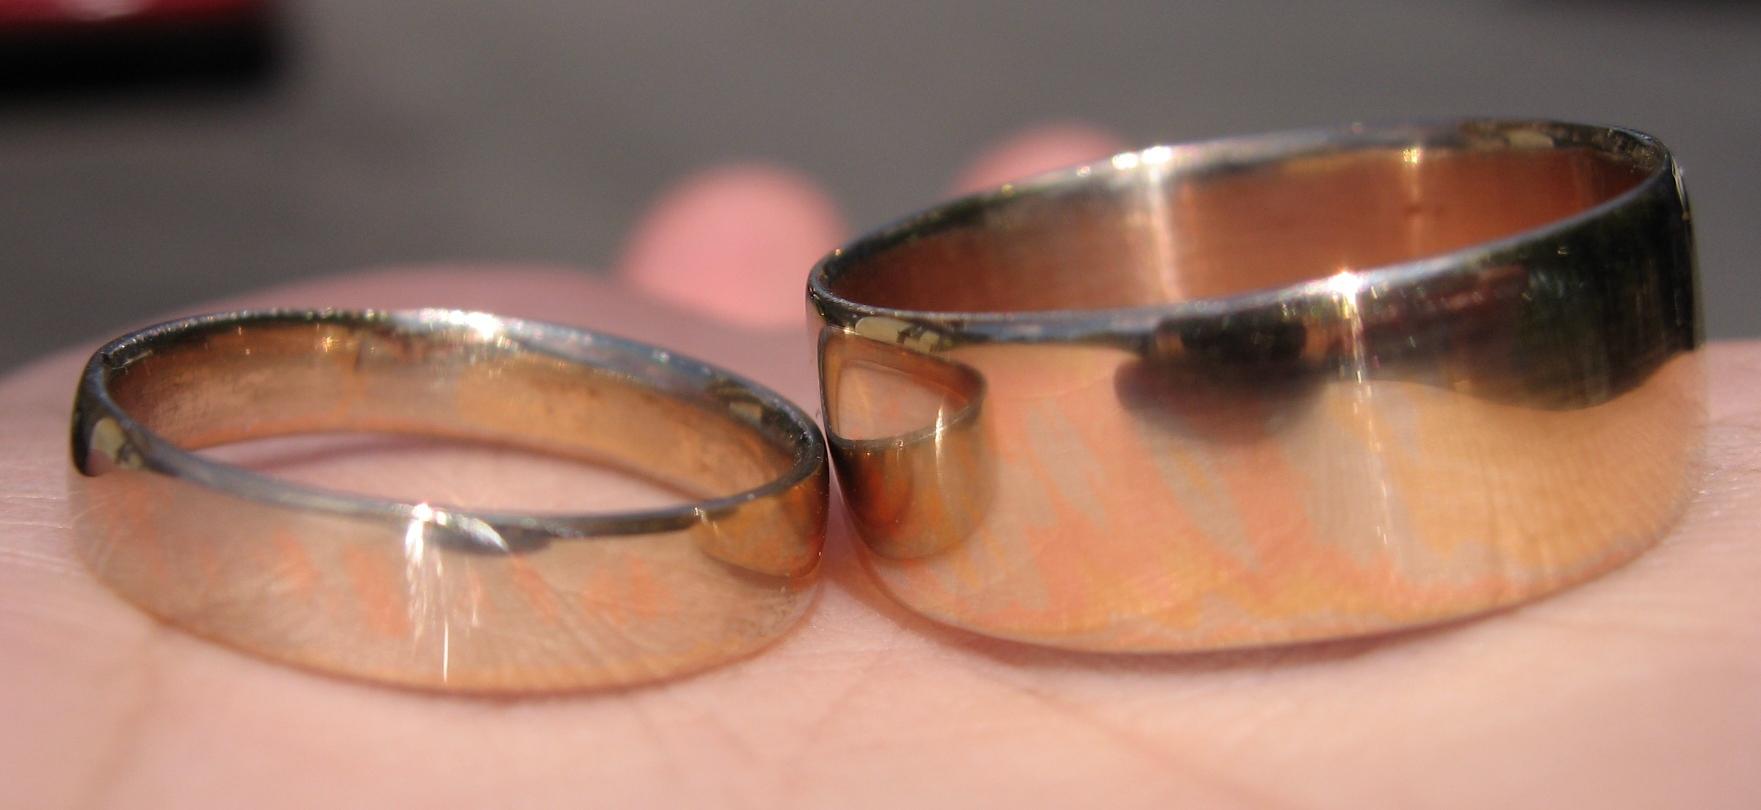 Picture of Matching 14kt Gold Mokume Gane Wedding Rings